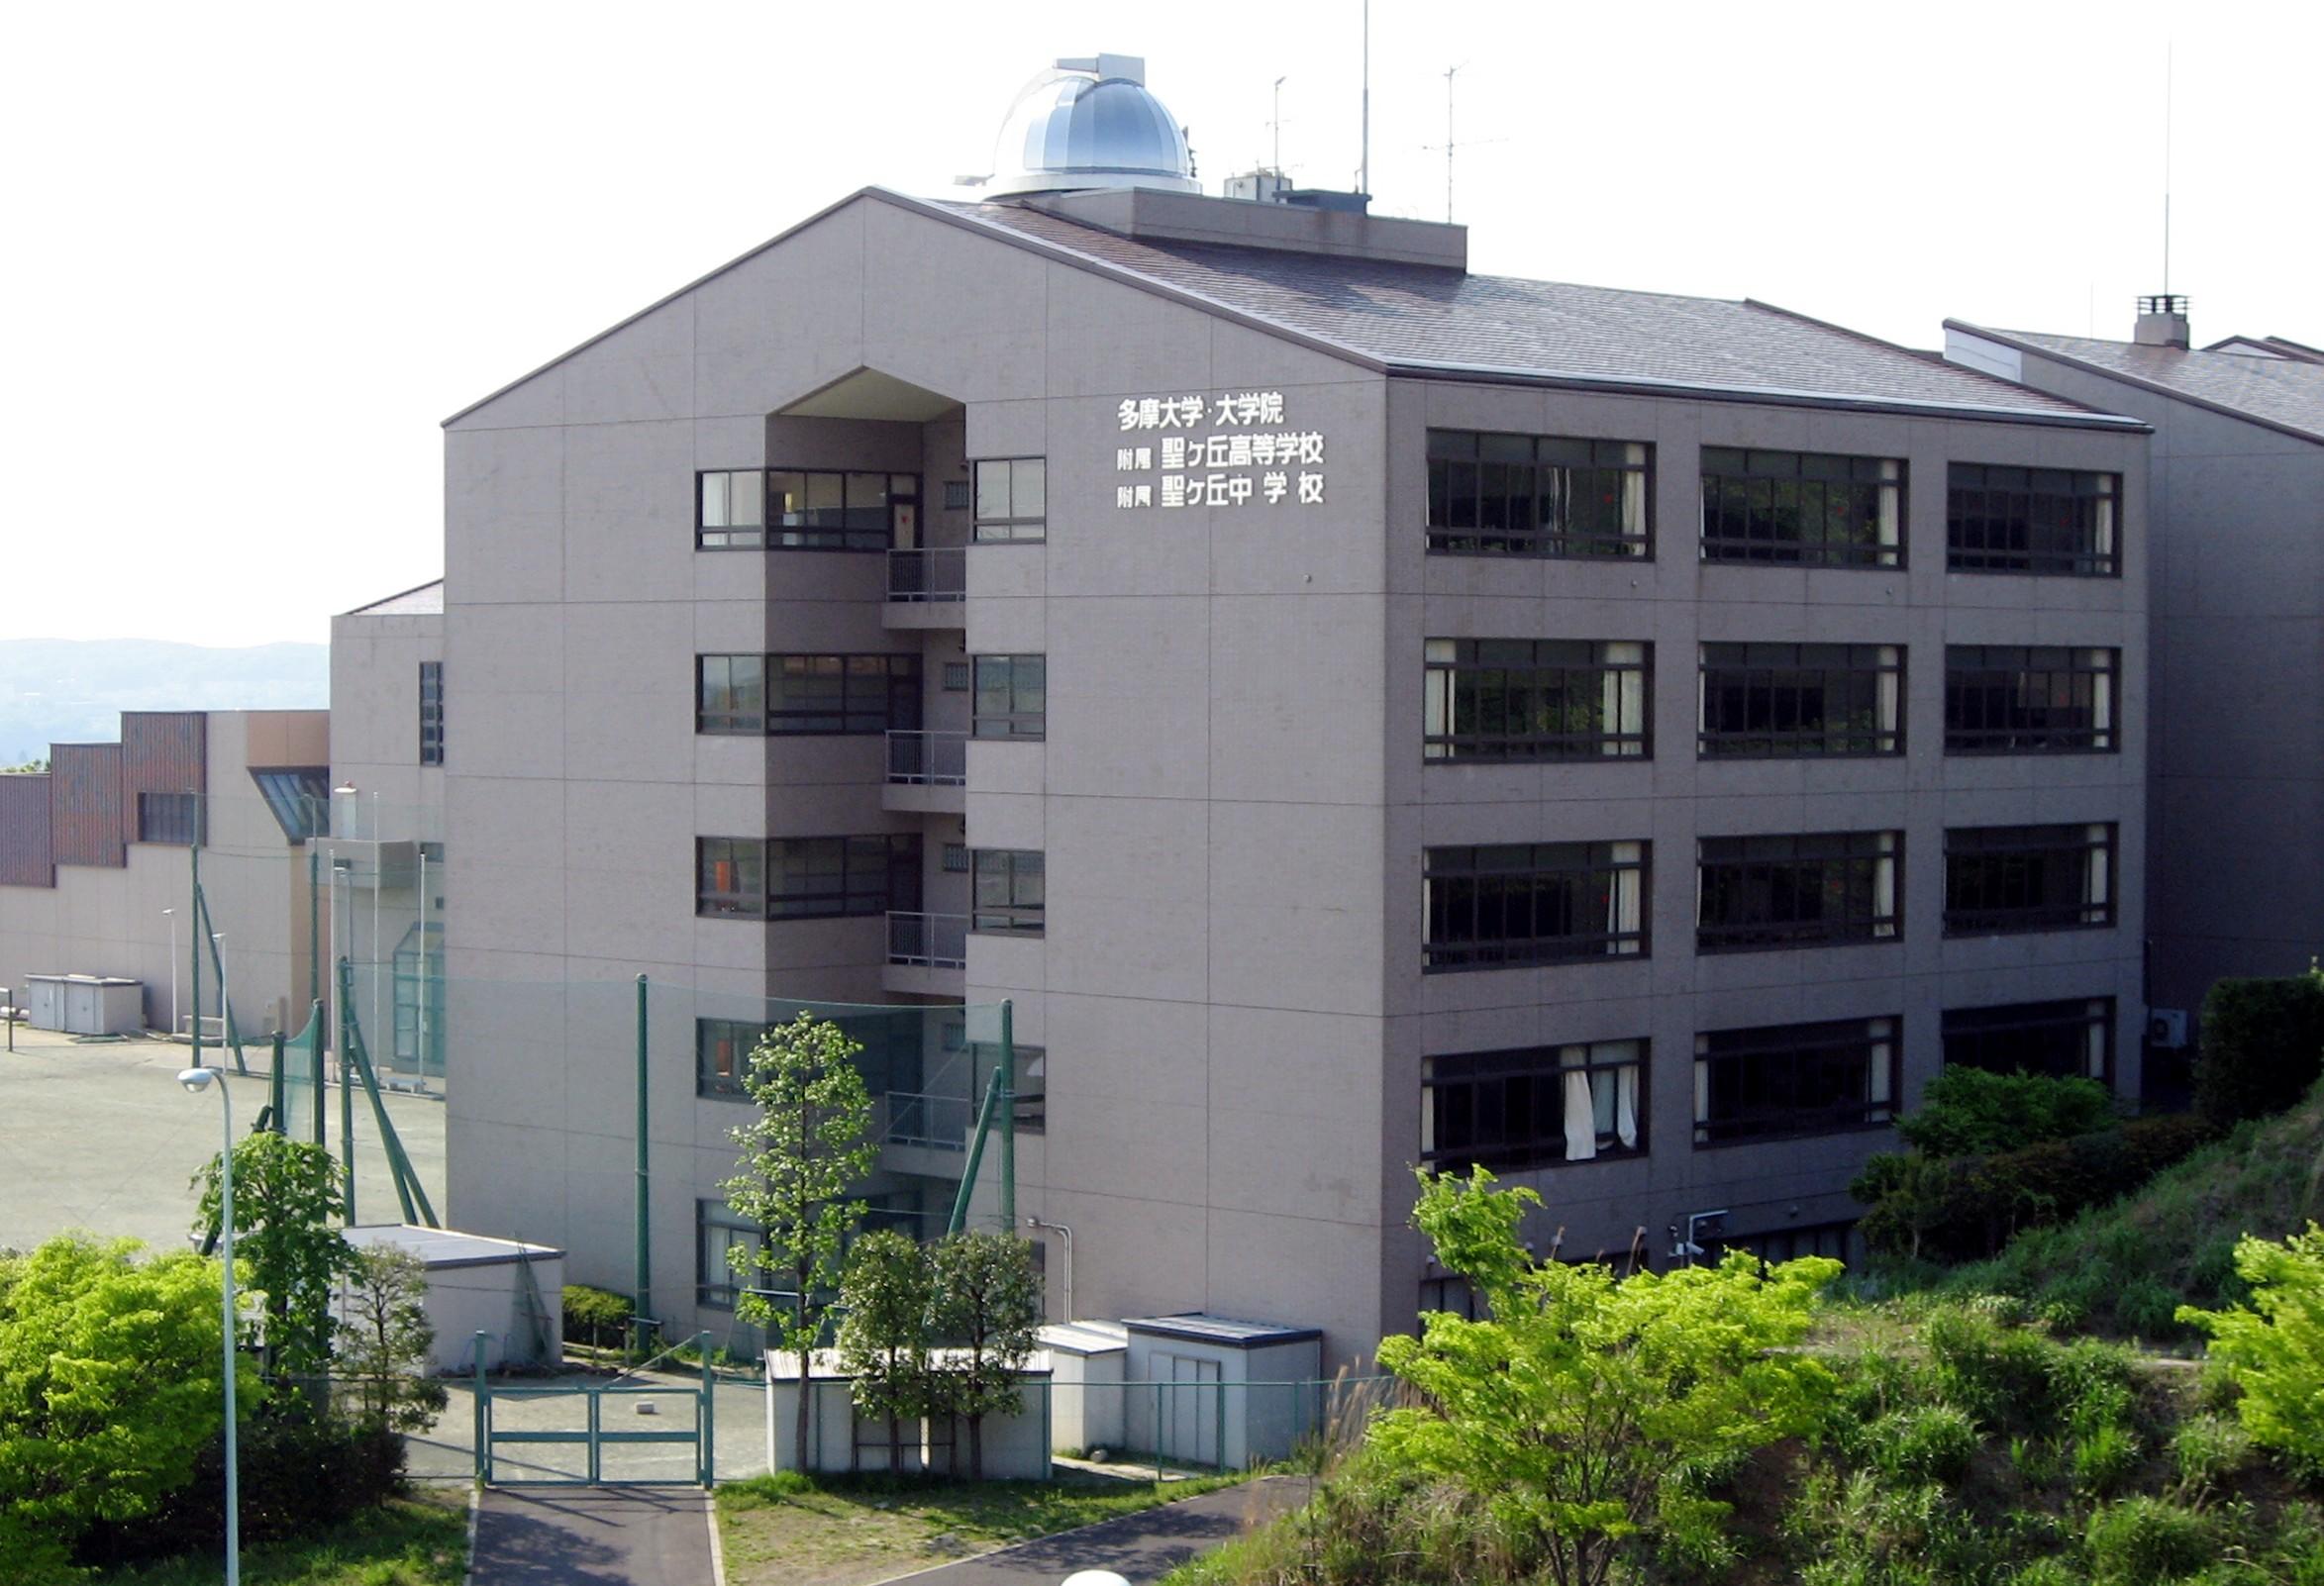 japón-ico-coincheck-universidad-criptomonedas